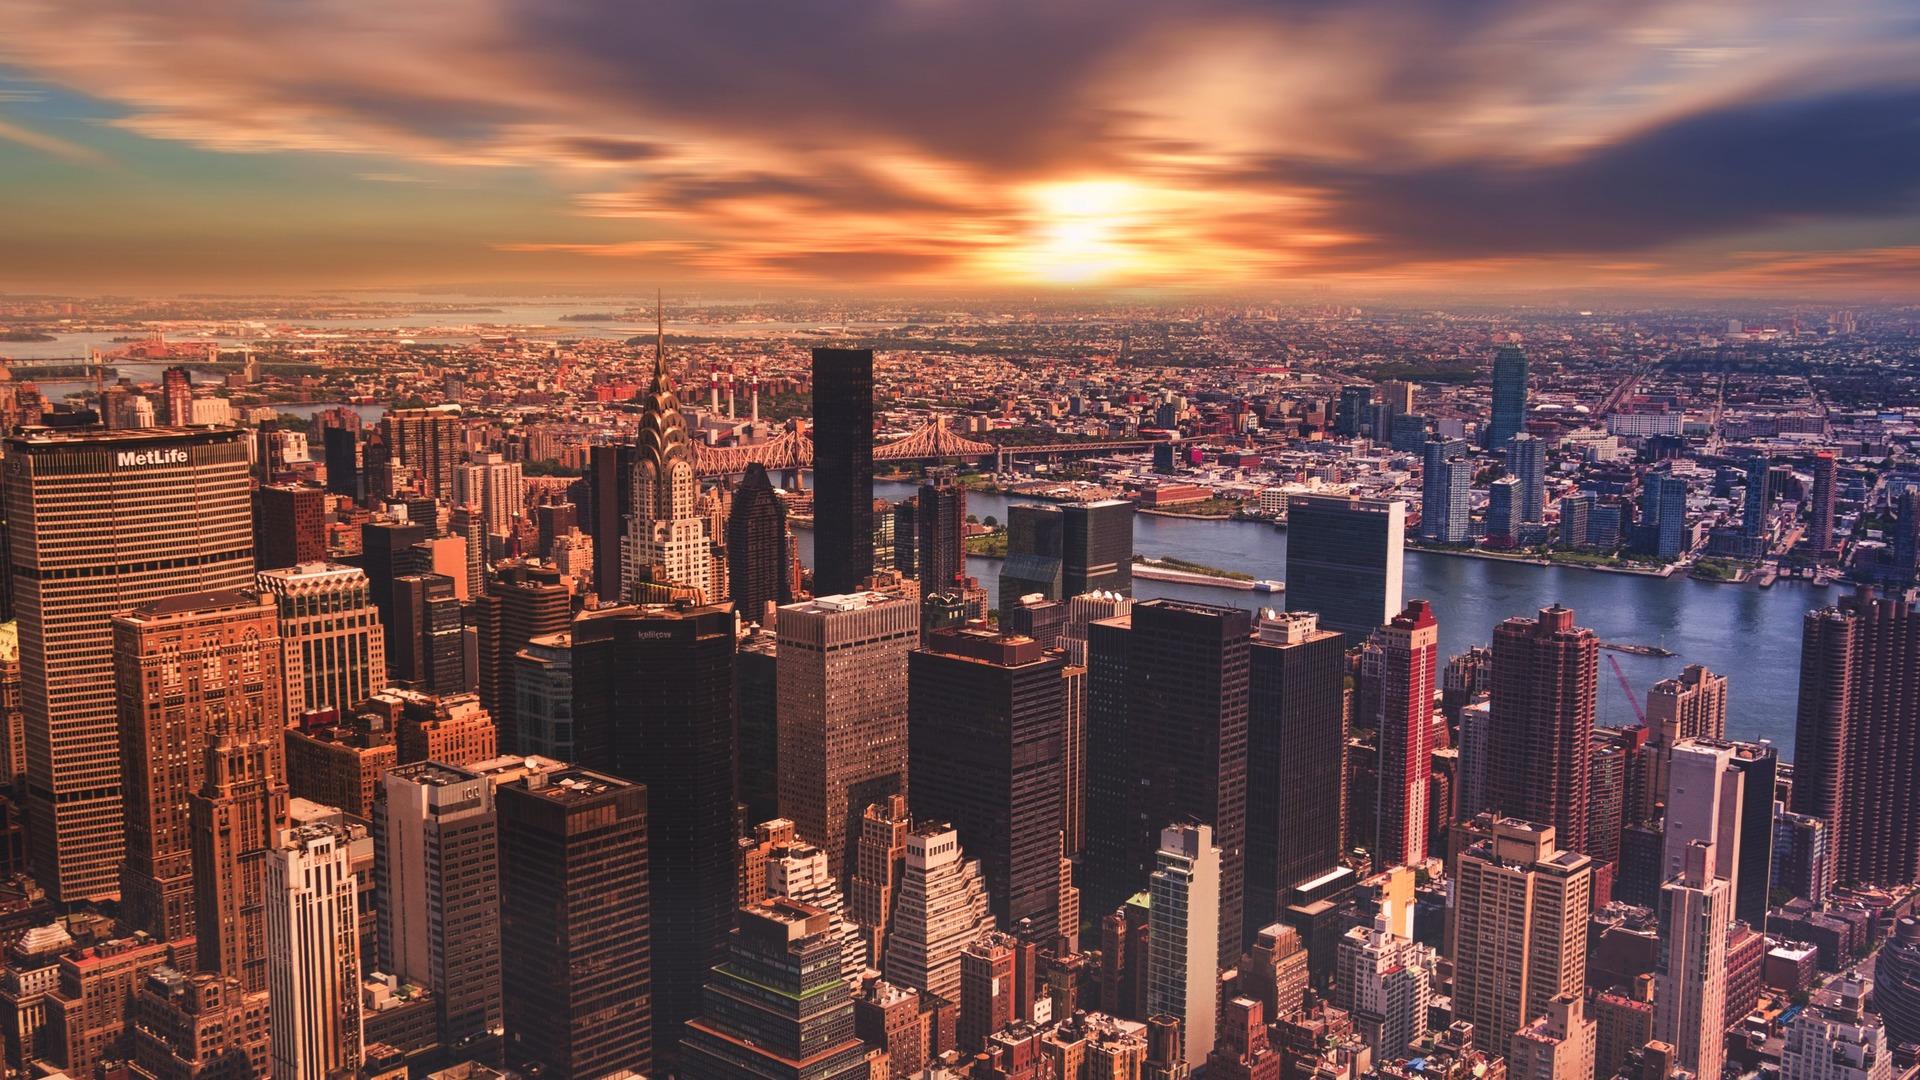 1920x1080 New York City Cityscape Skyscraper Laptop Full Hd 1080p Hd